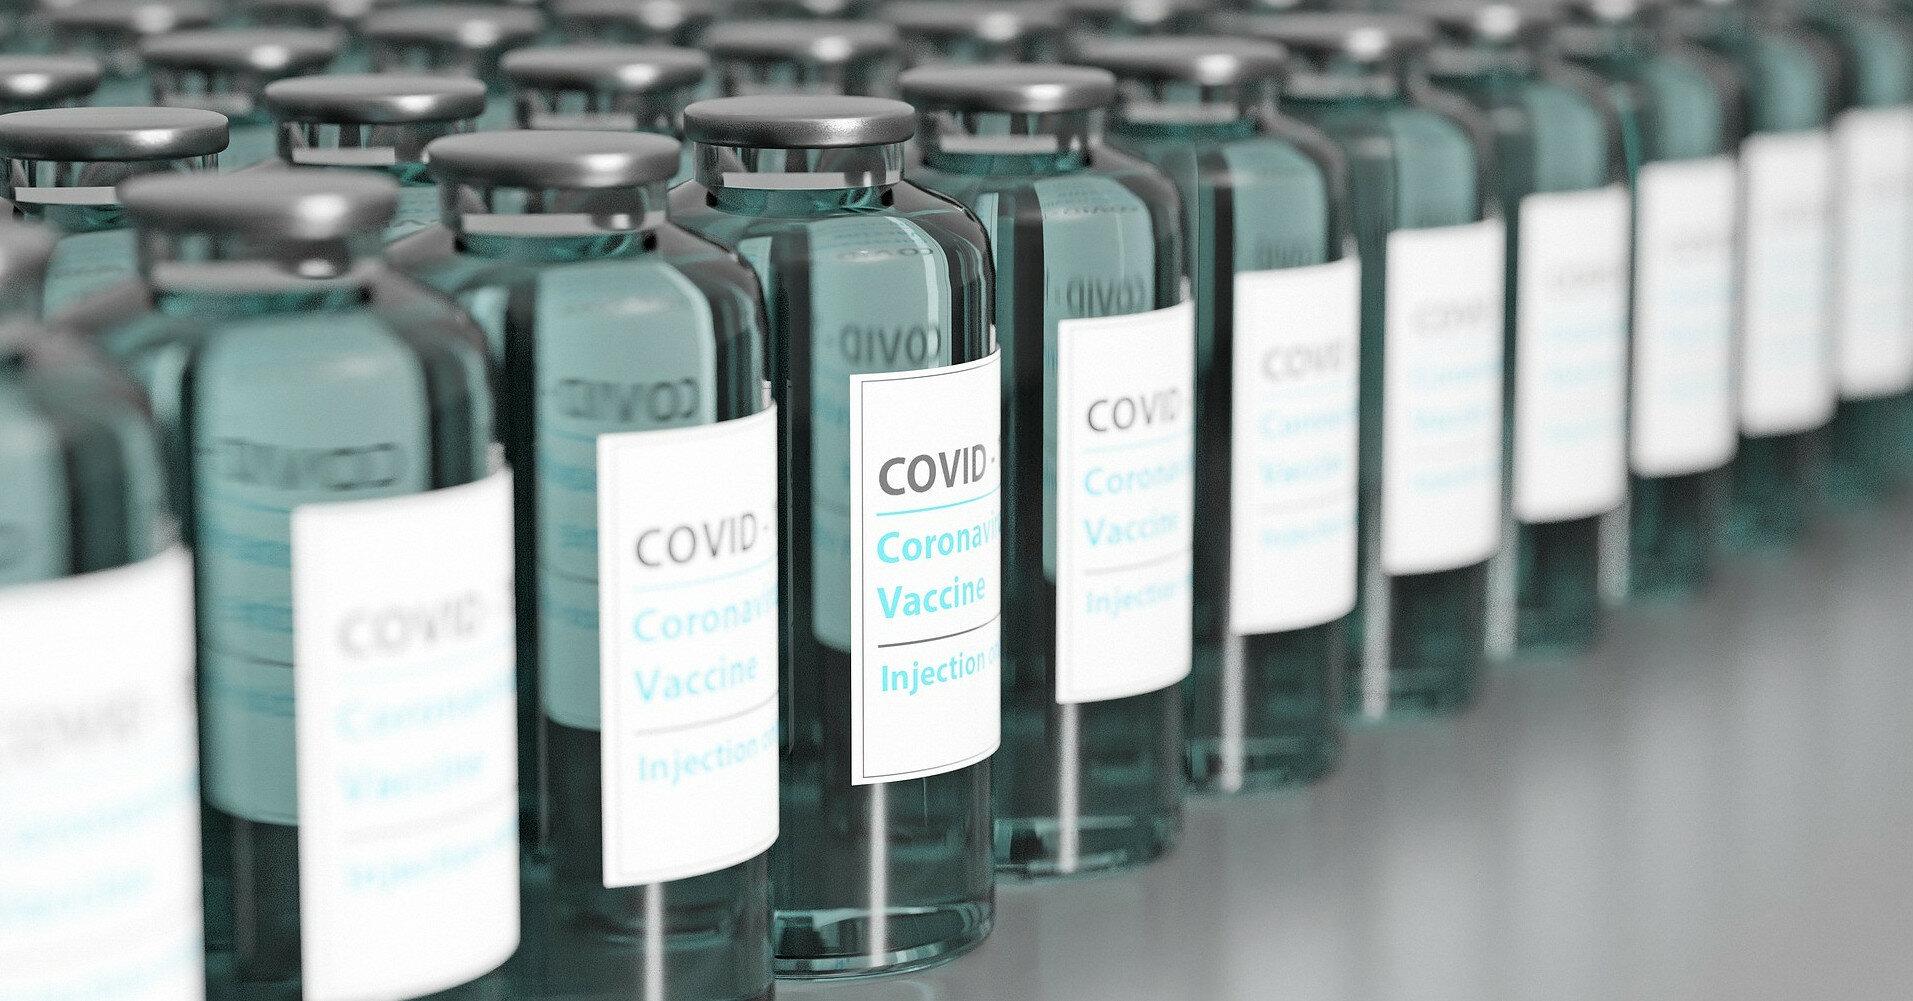 Обнародовали новые данные об эффективности вакцины CoronaVac